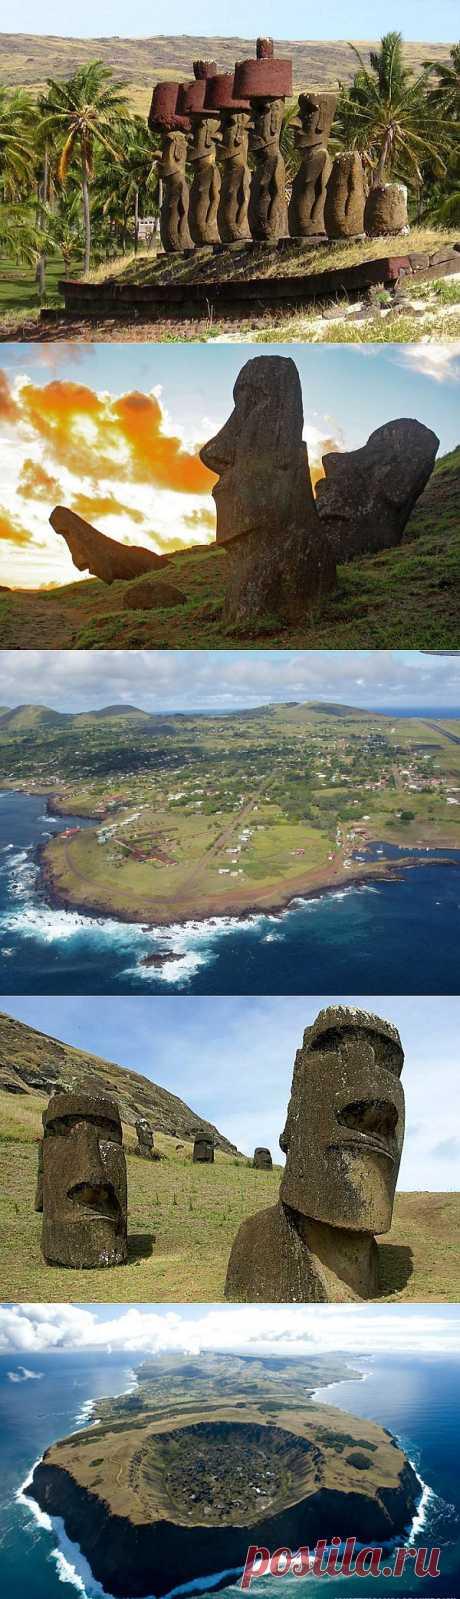 (+1) - Загадка без ответа: остров Пасхи, Чили | ТУРИЗМ И ОТДЫХ